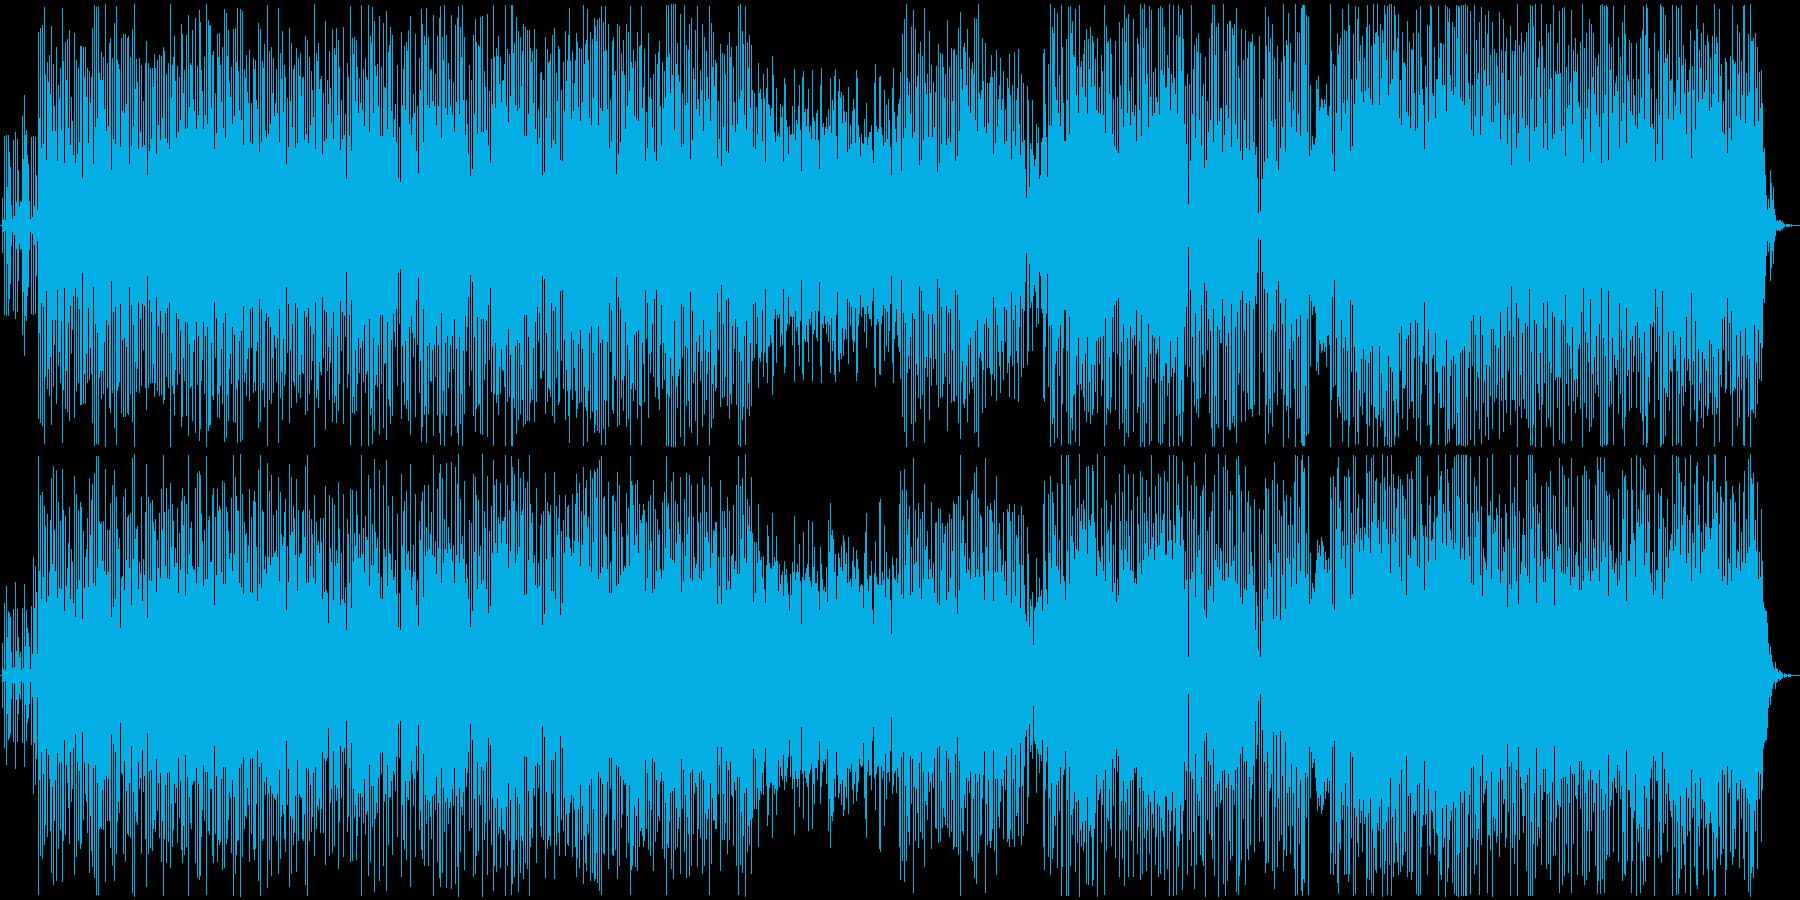 ストーリー性のある映像のBGMに合う曲の再生済みの波形